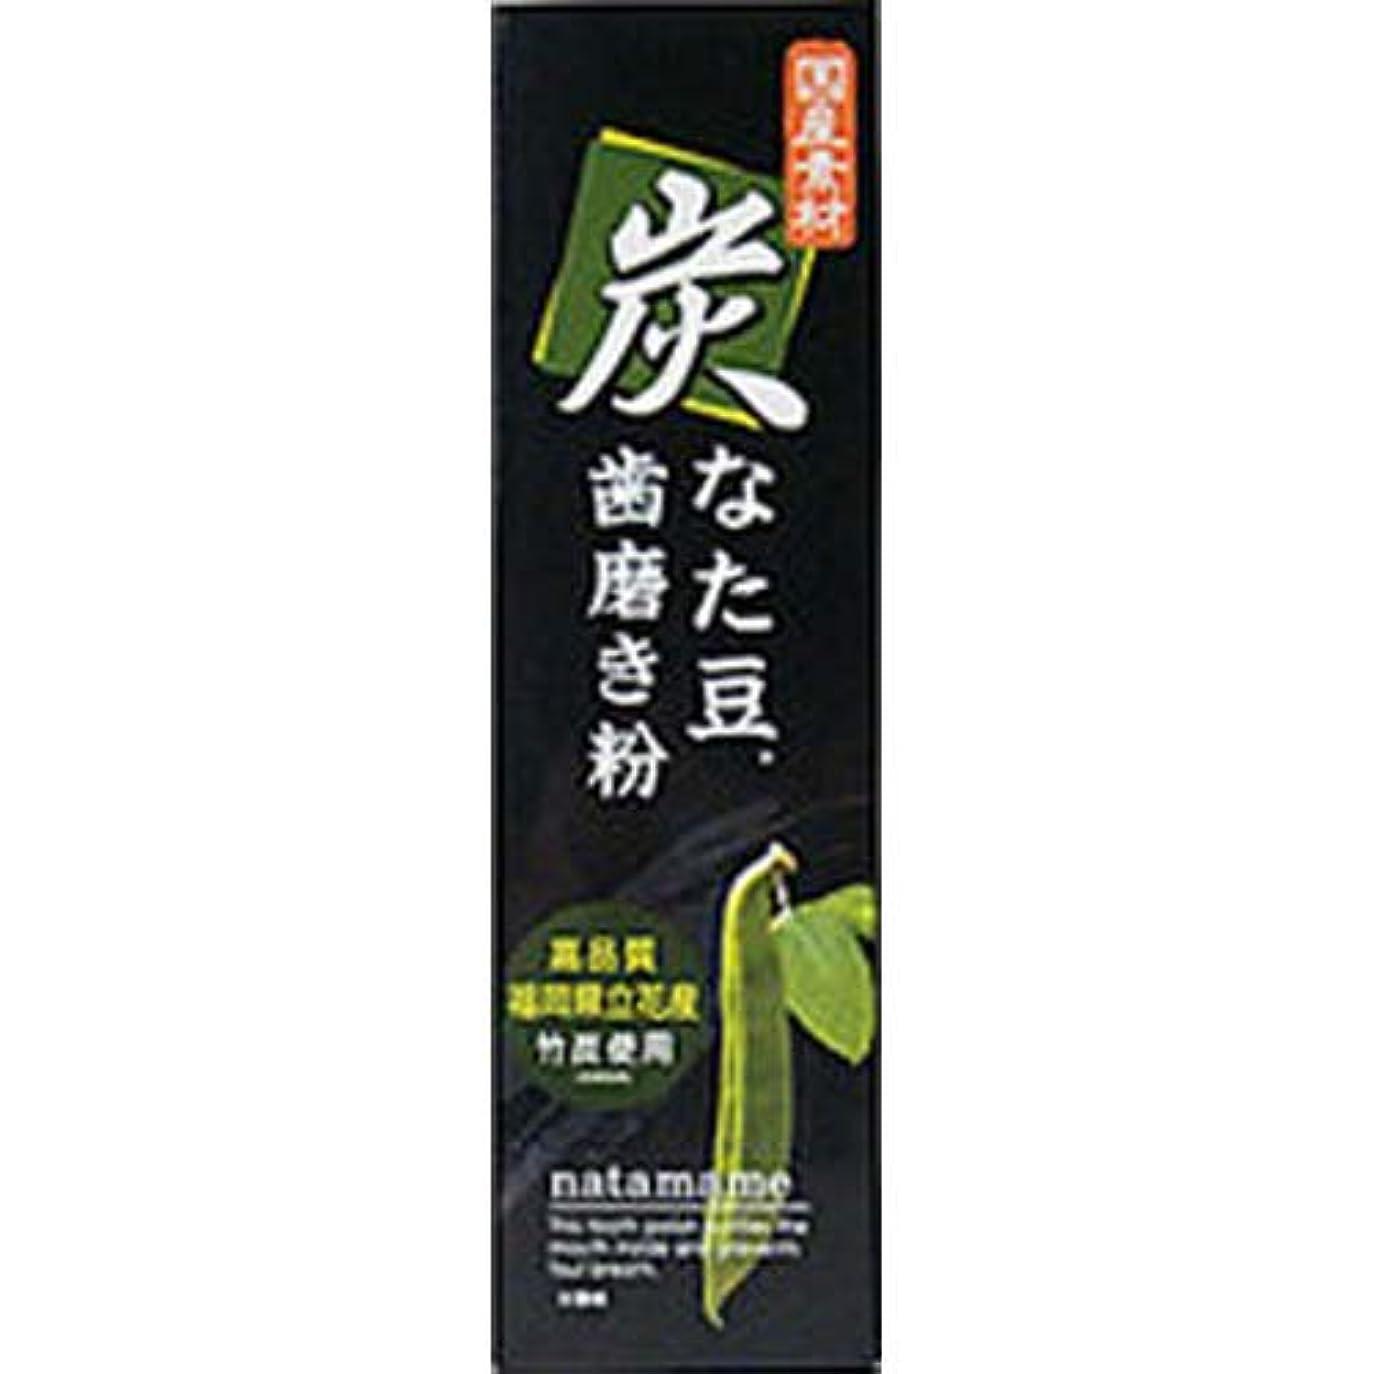 指令ブラインド証明炭なた豆歯磨き粉 120g